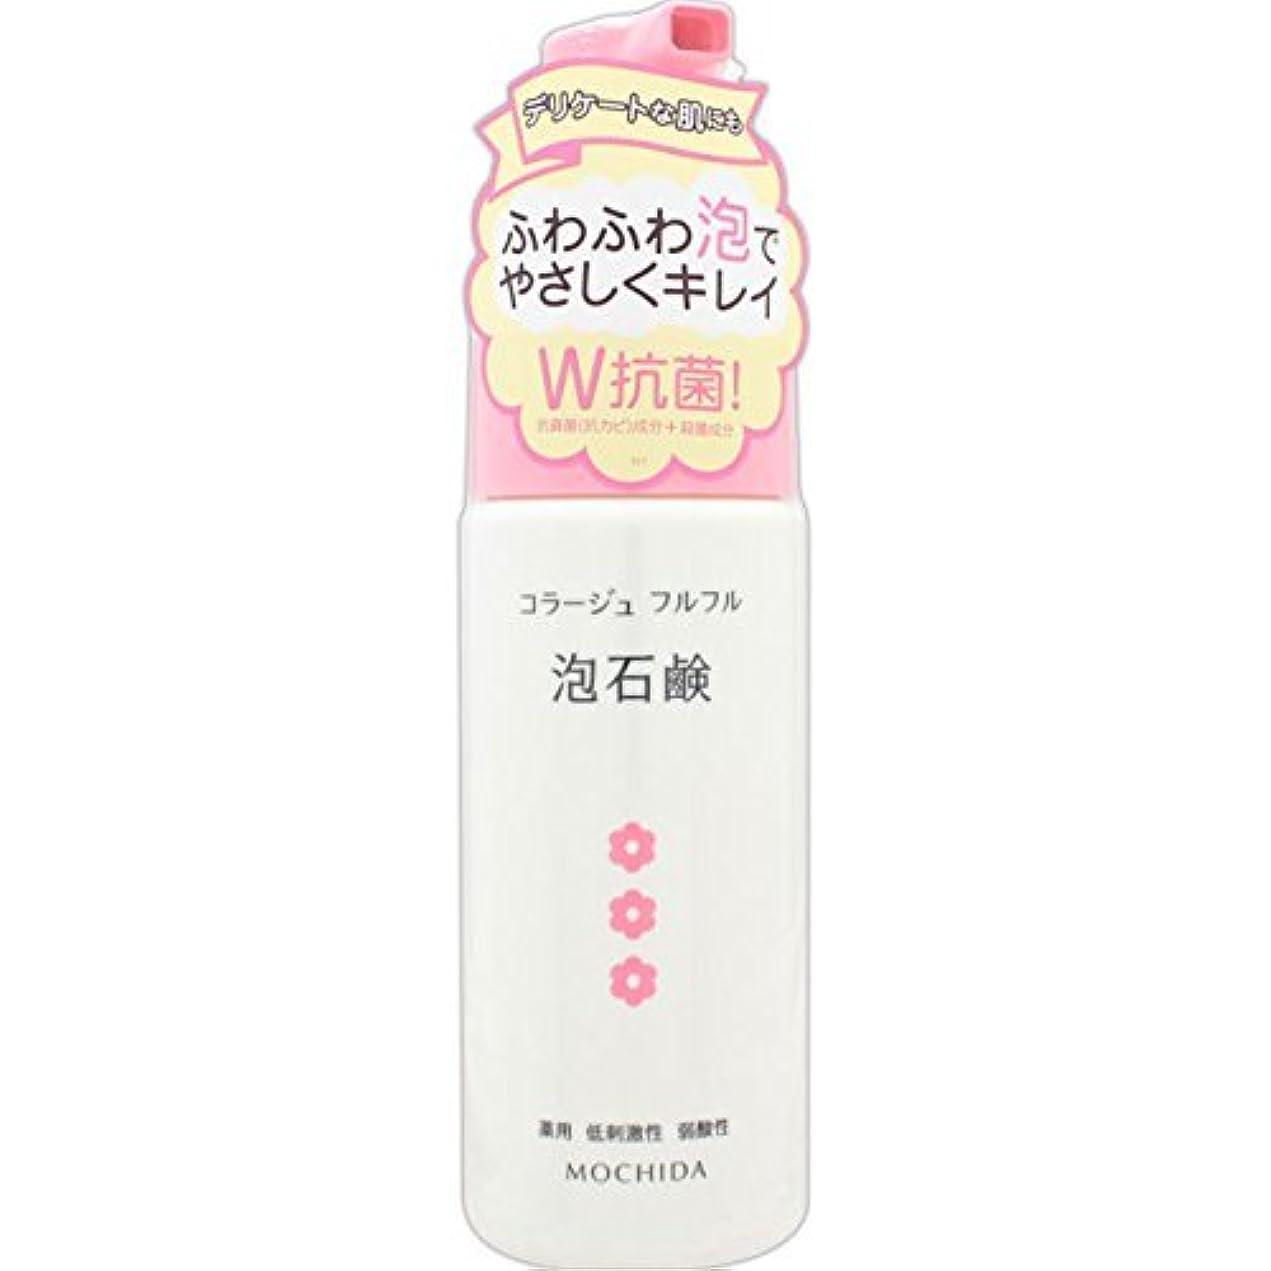 コラージュフルフル 泡石鹸 ピンク 150mL (医薬部外品) ×3